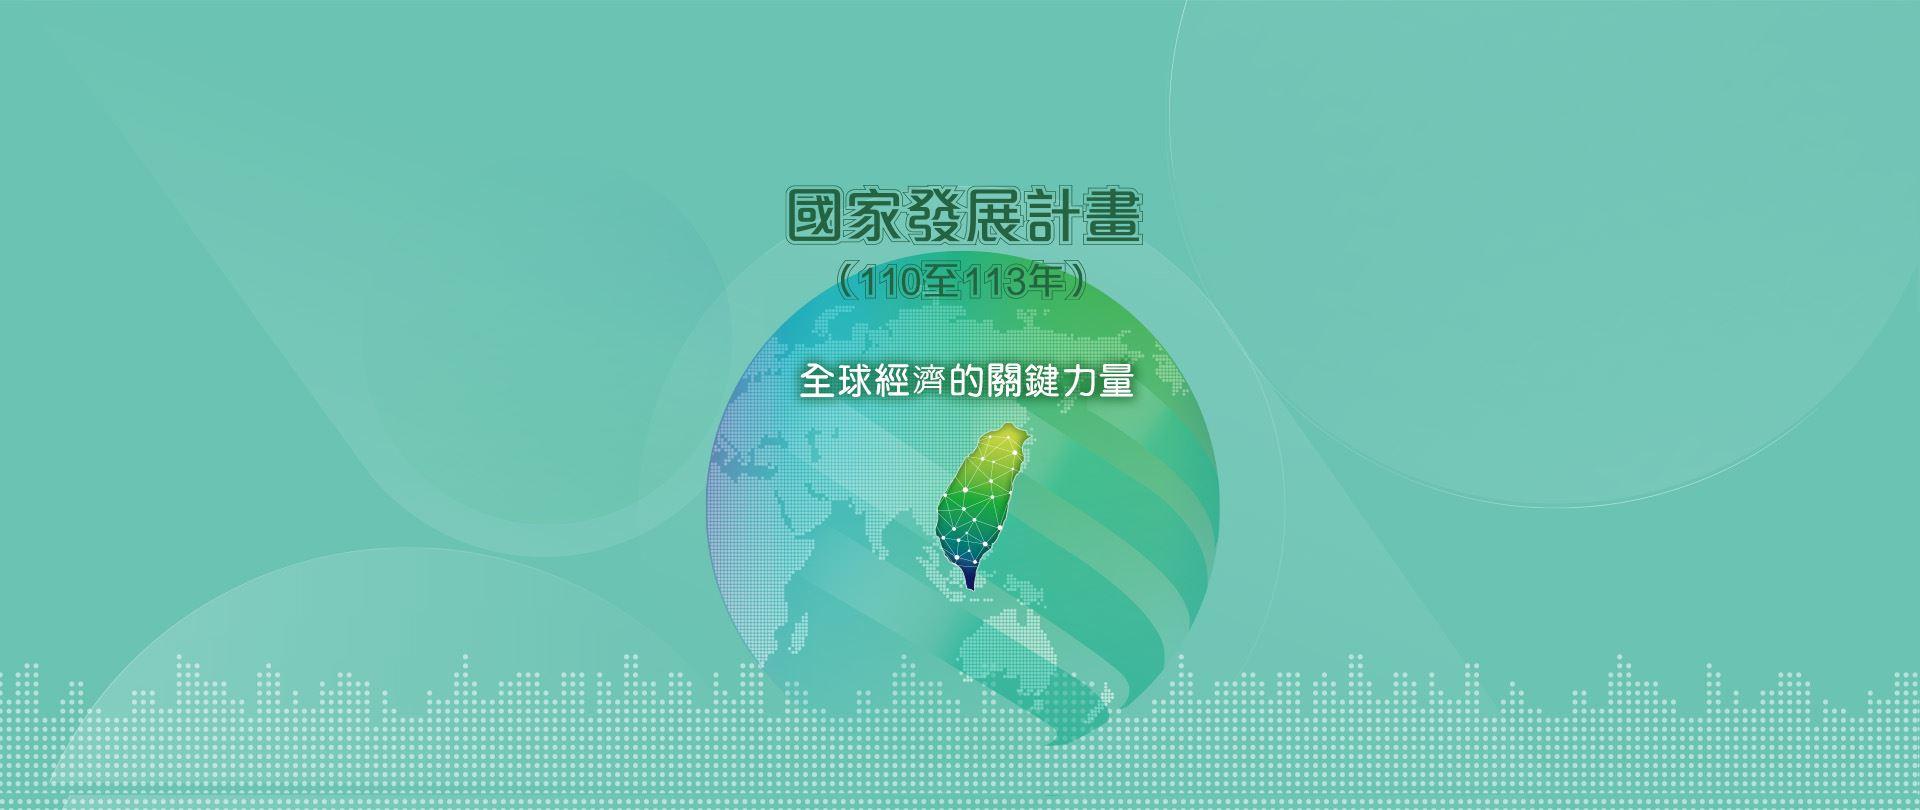 第18期中期計畫「國家發展計畫(110至113年)」